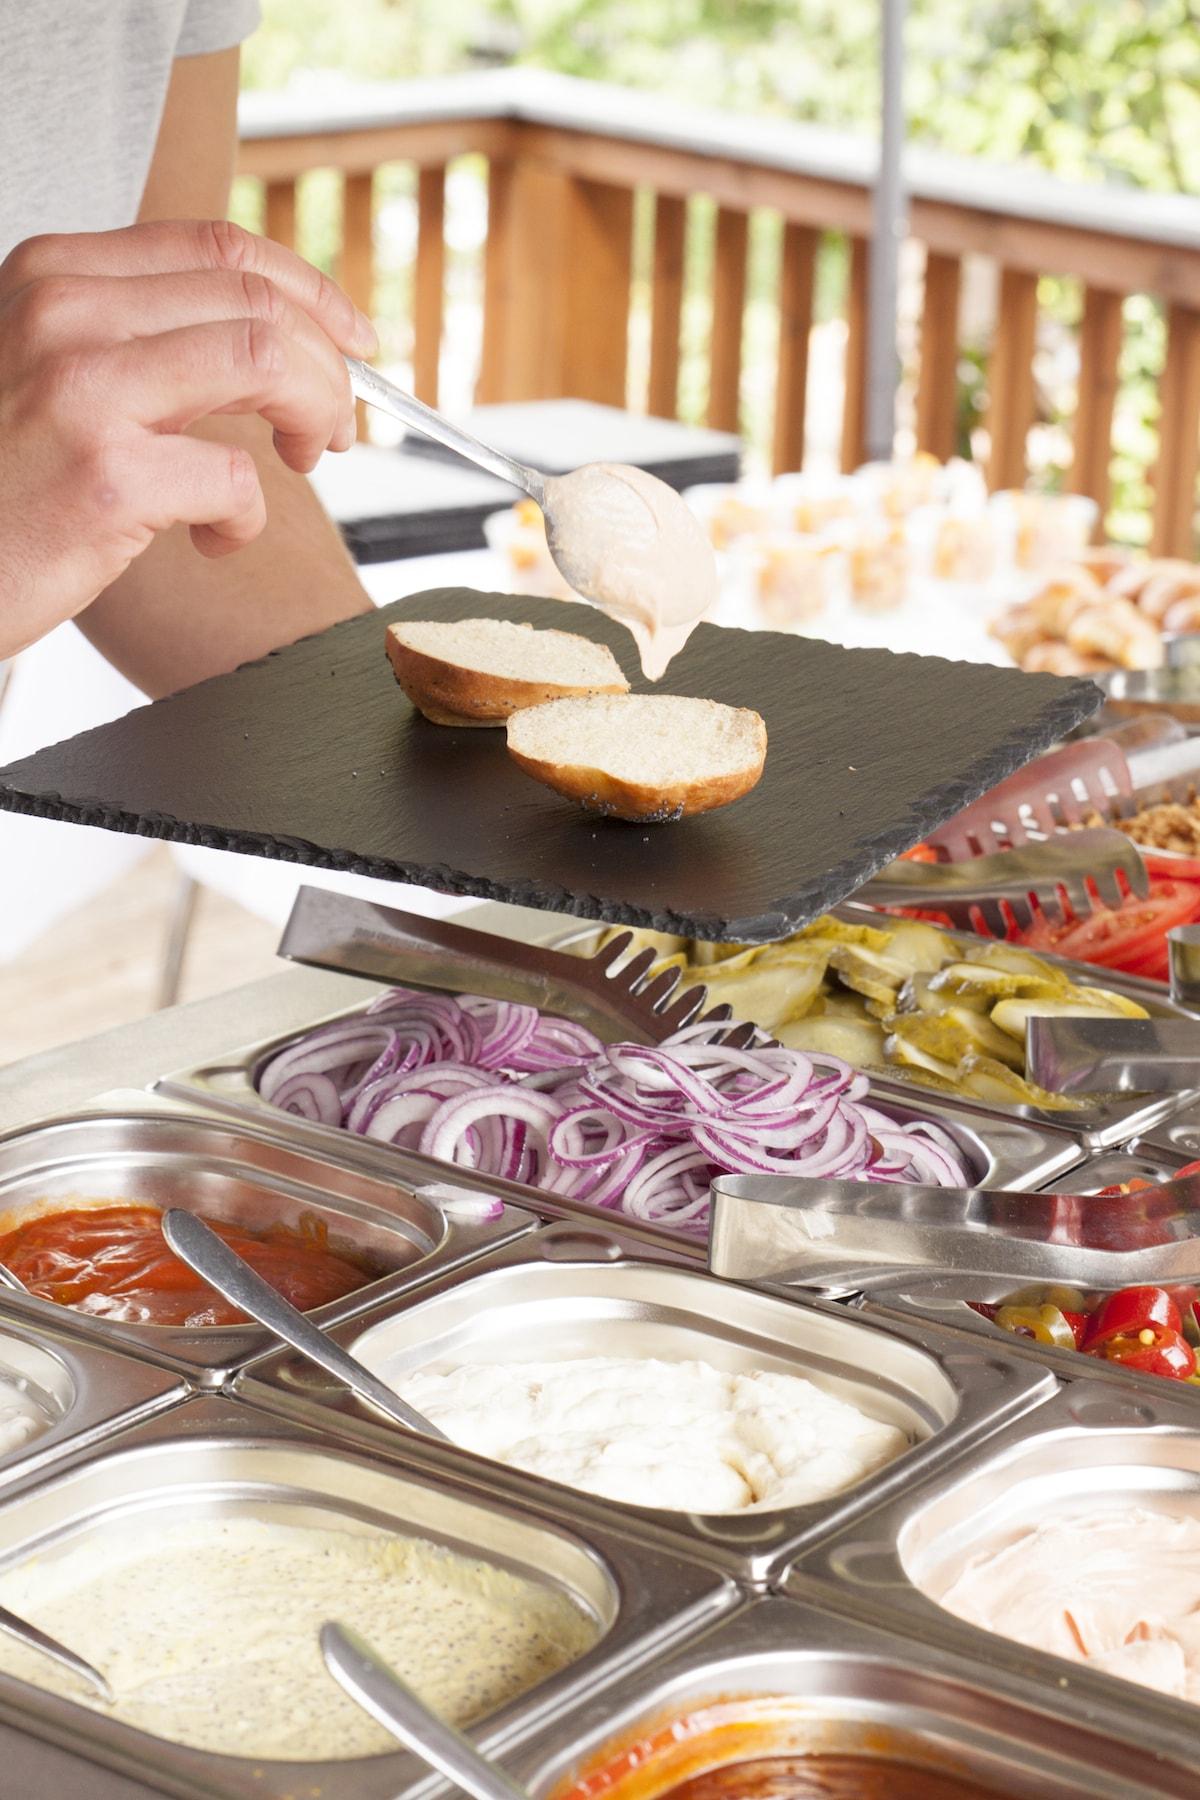 wambacher m hle hochzeit geburtstag oder einfach gut speisen urlaubstage in der wambacher. Black Bedroom Furniture Sets. Home Design Ideas